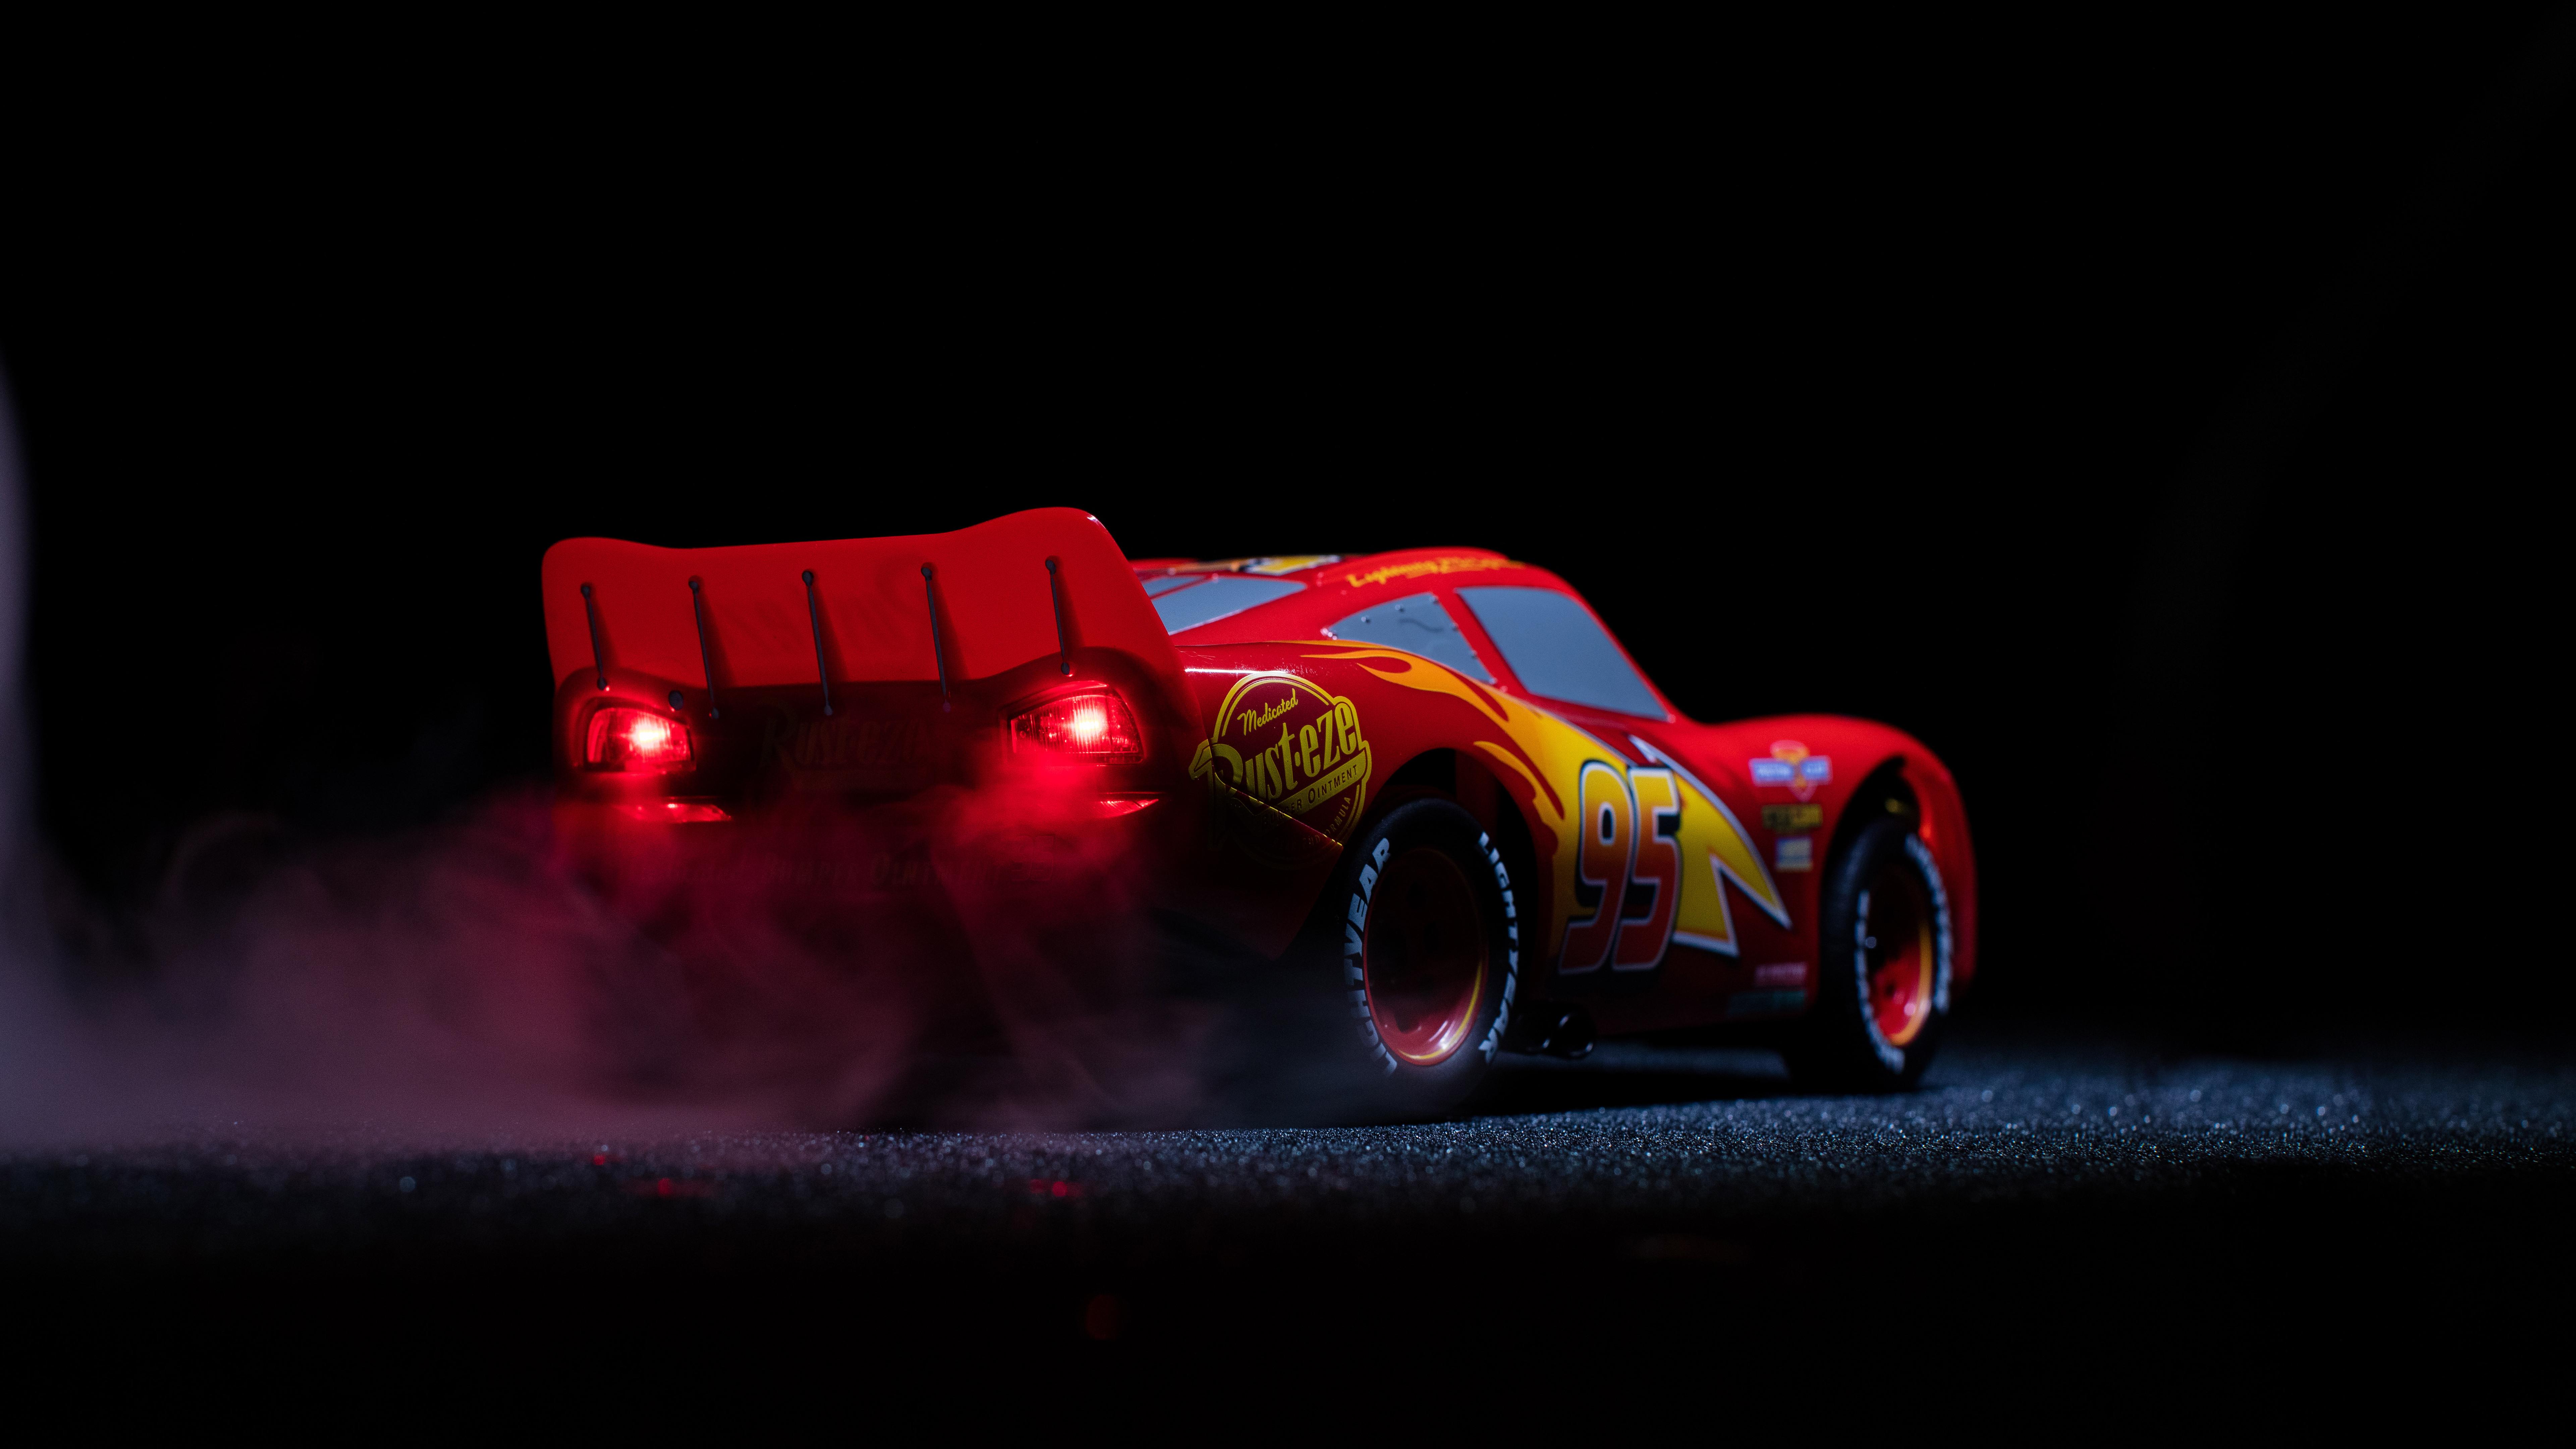 7680x4320 Lightning Mcqueen Cars 3 Pixar Disney 4k 8k Hd 4k